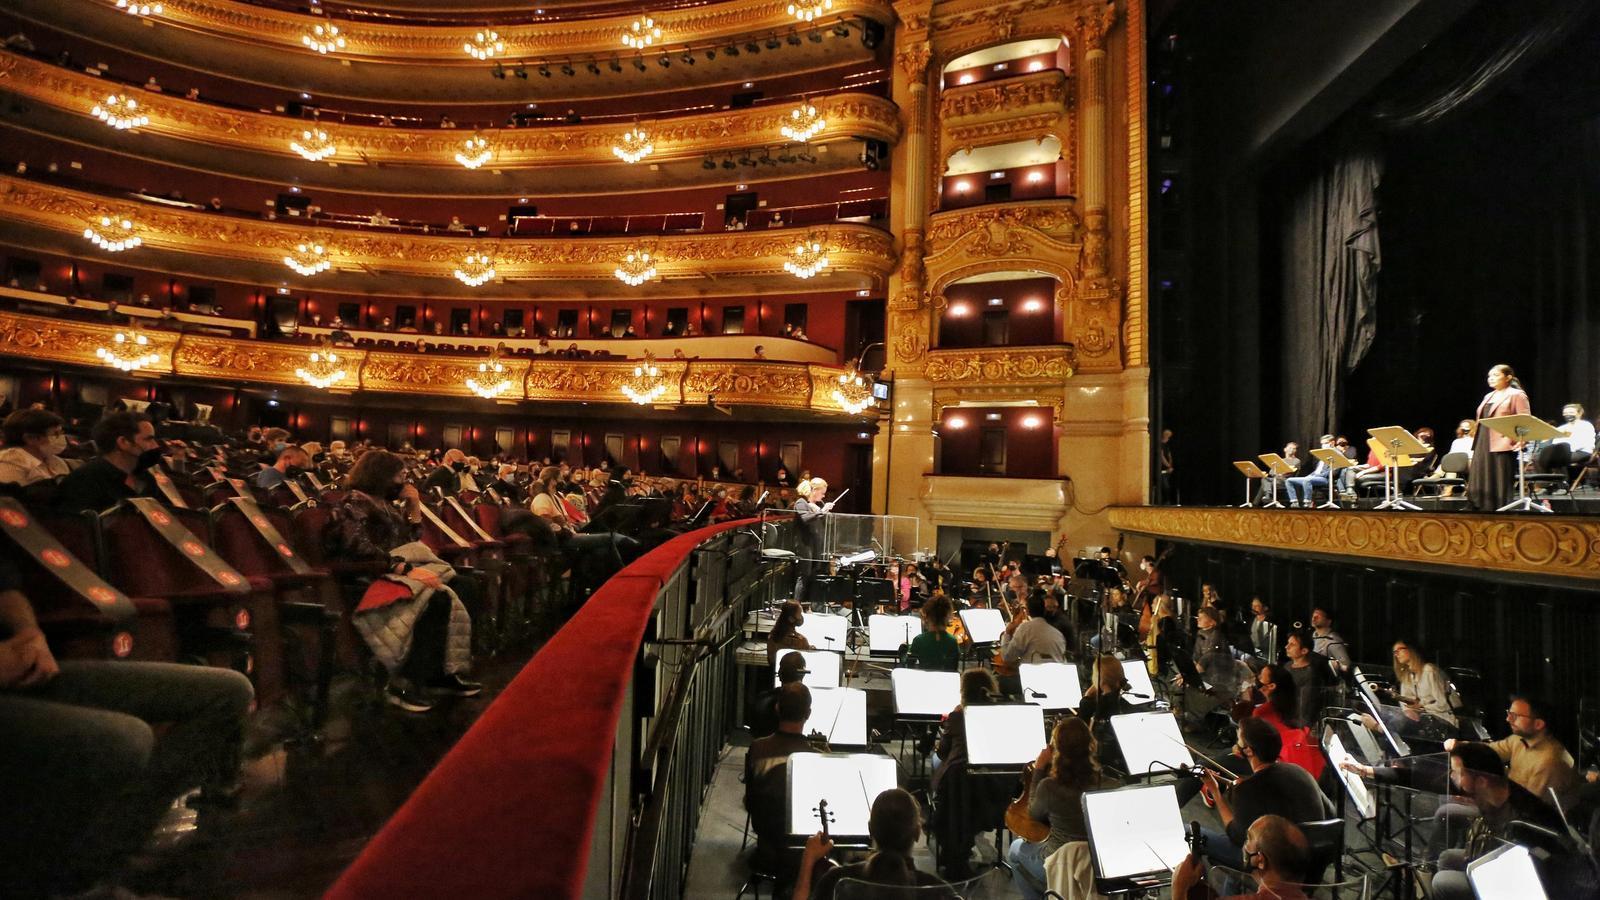 Josep Pons i l'orquestra del Liceu durant la interpretació de '4'33''' de John Cage.